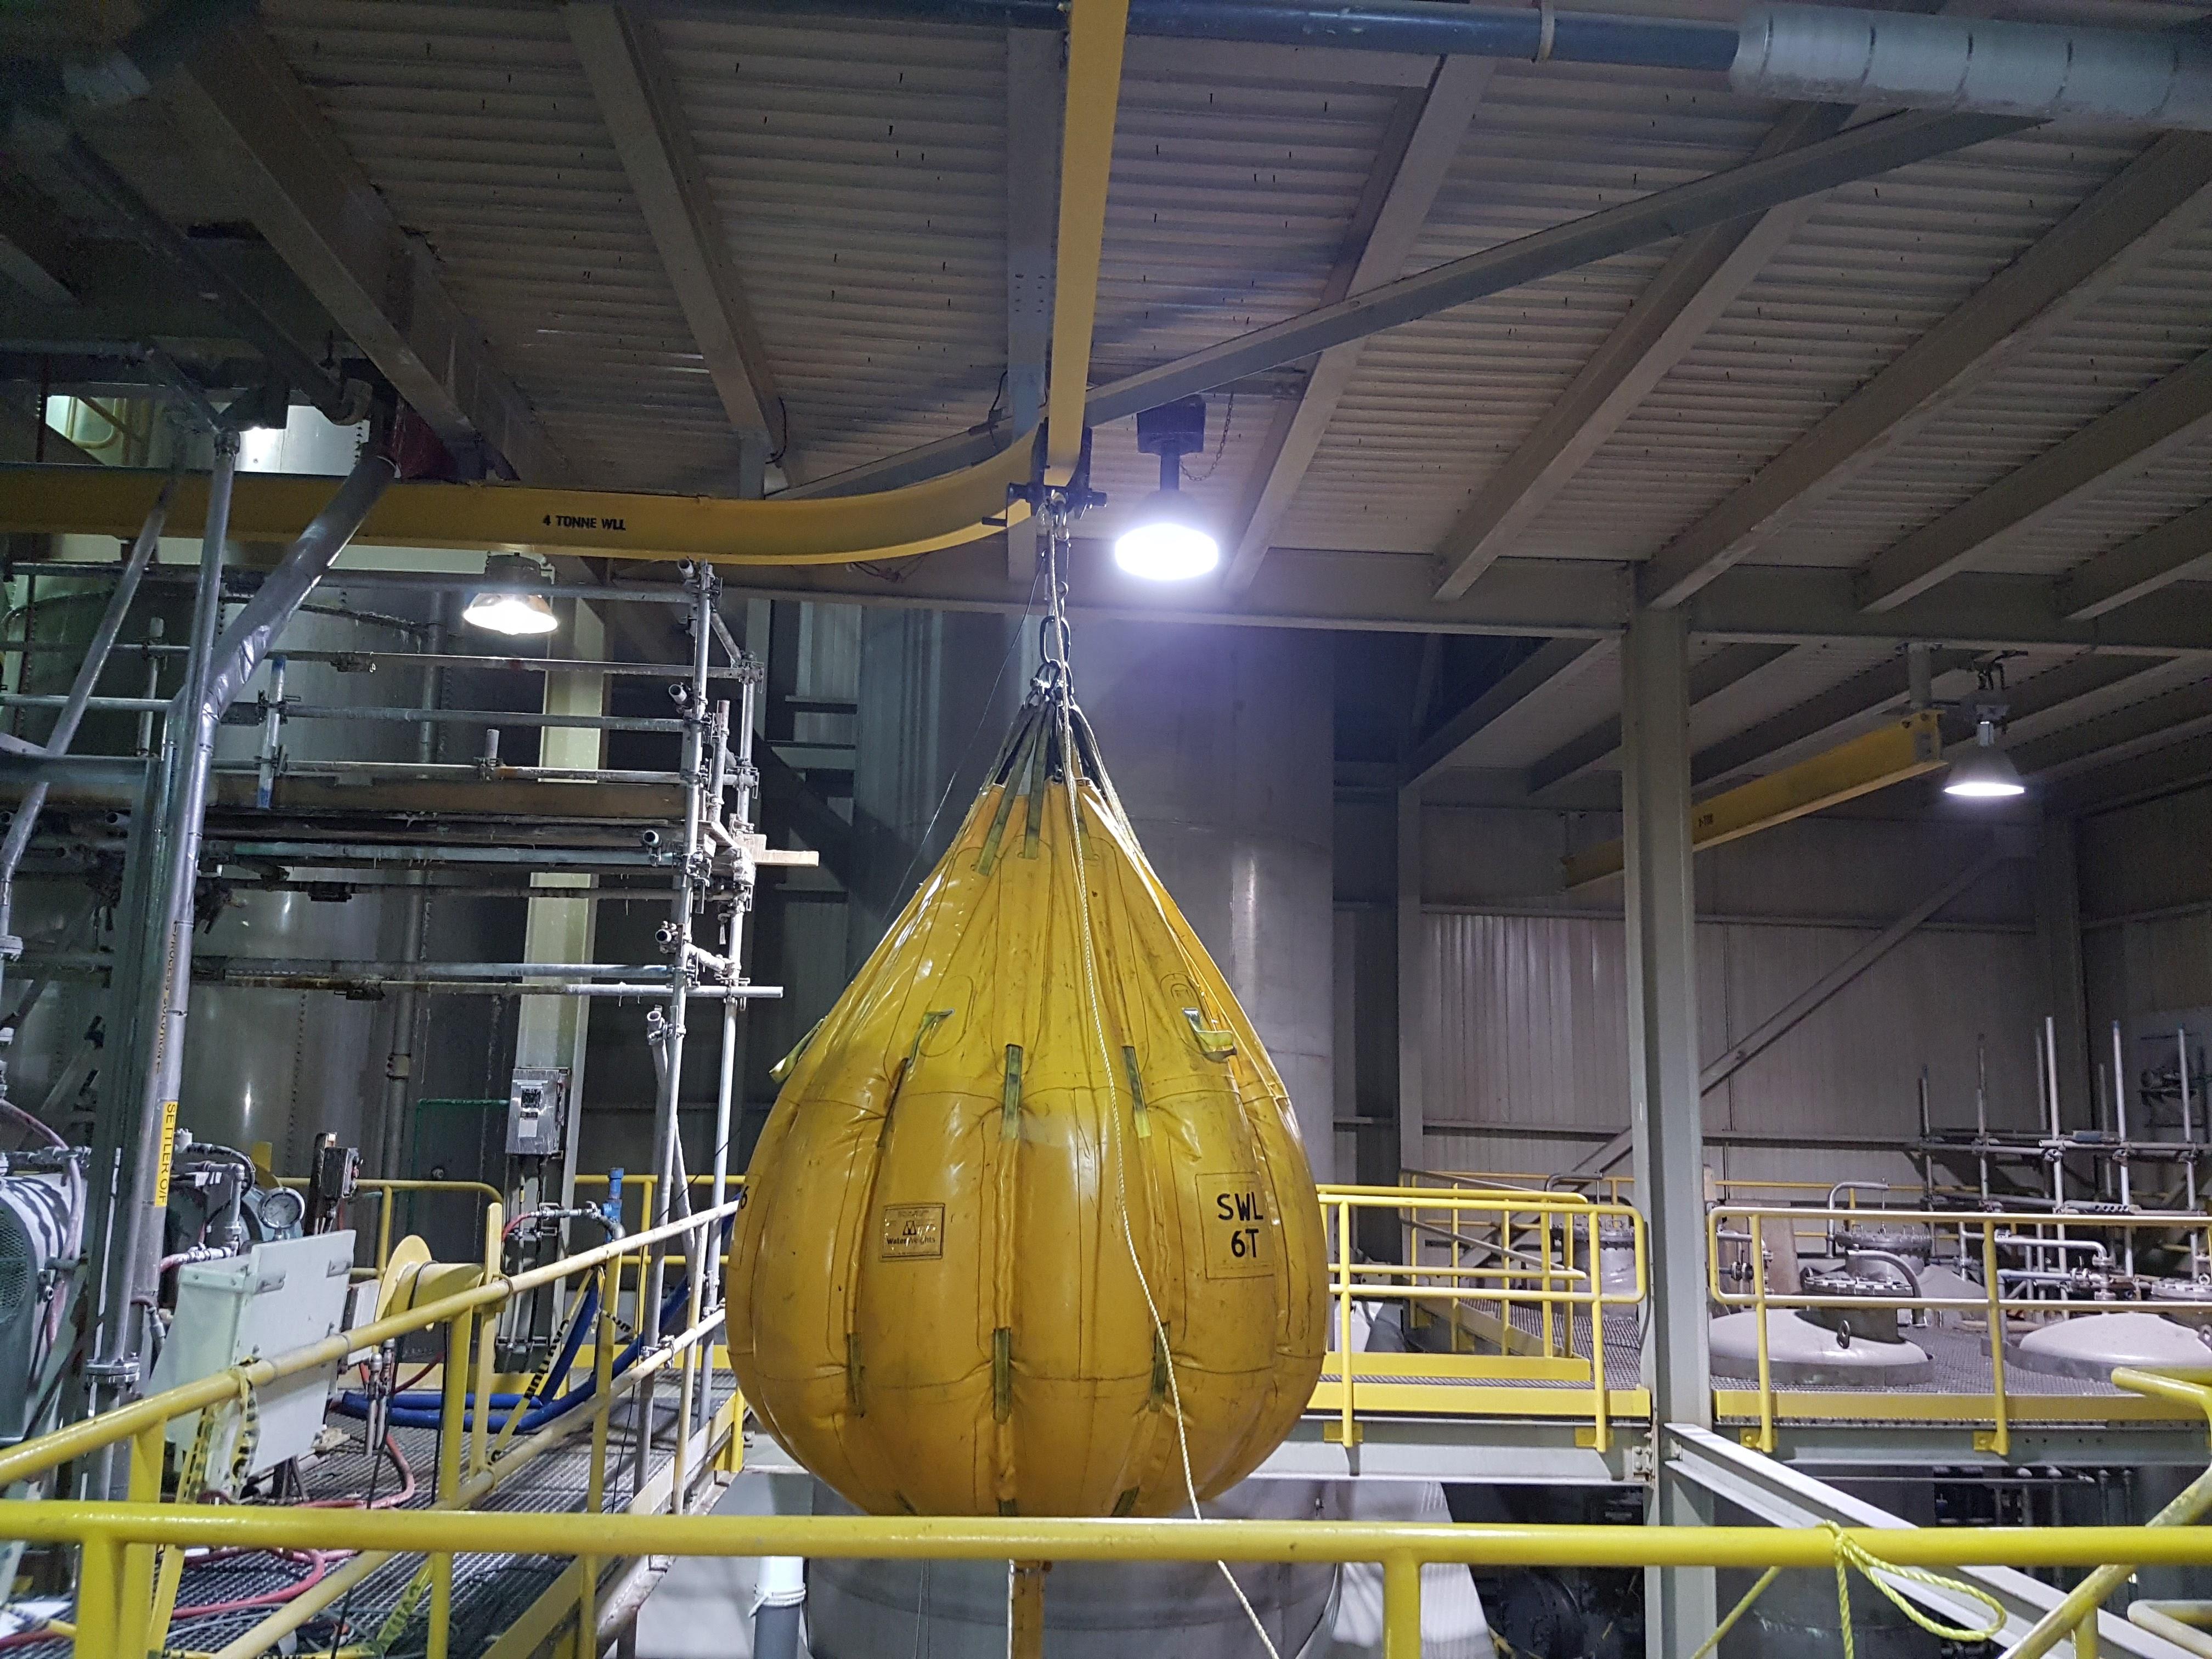 Load Testing 6t Crane